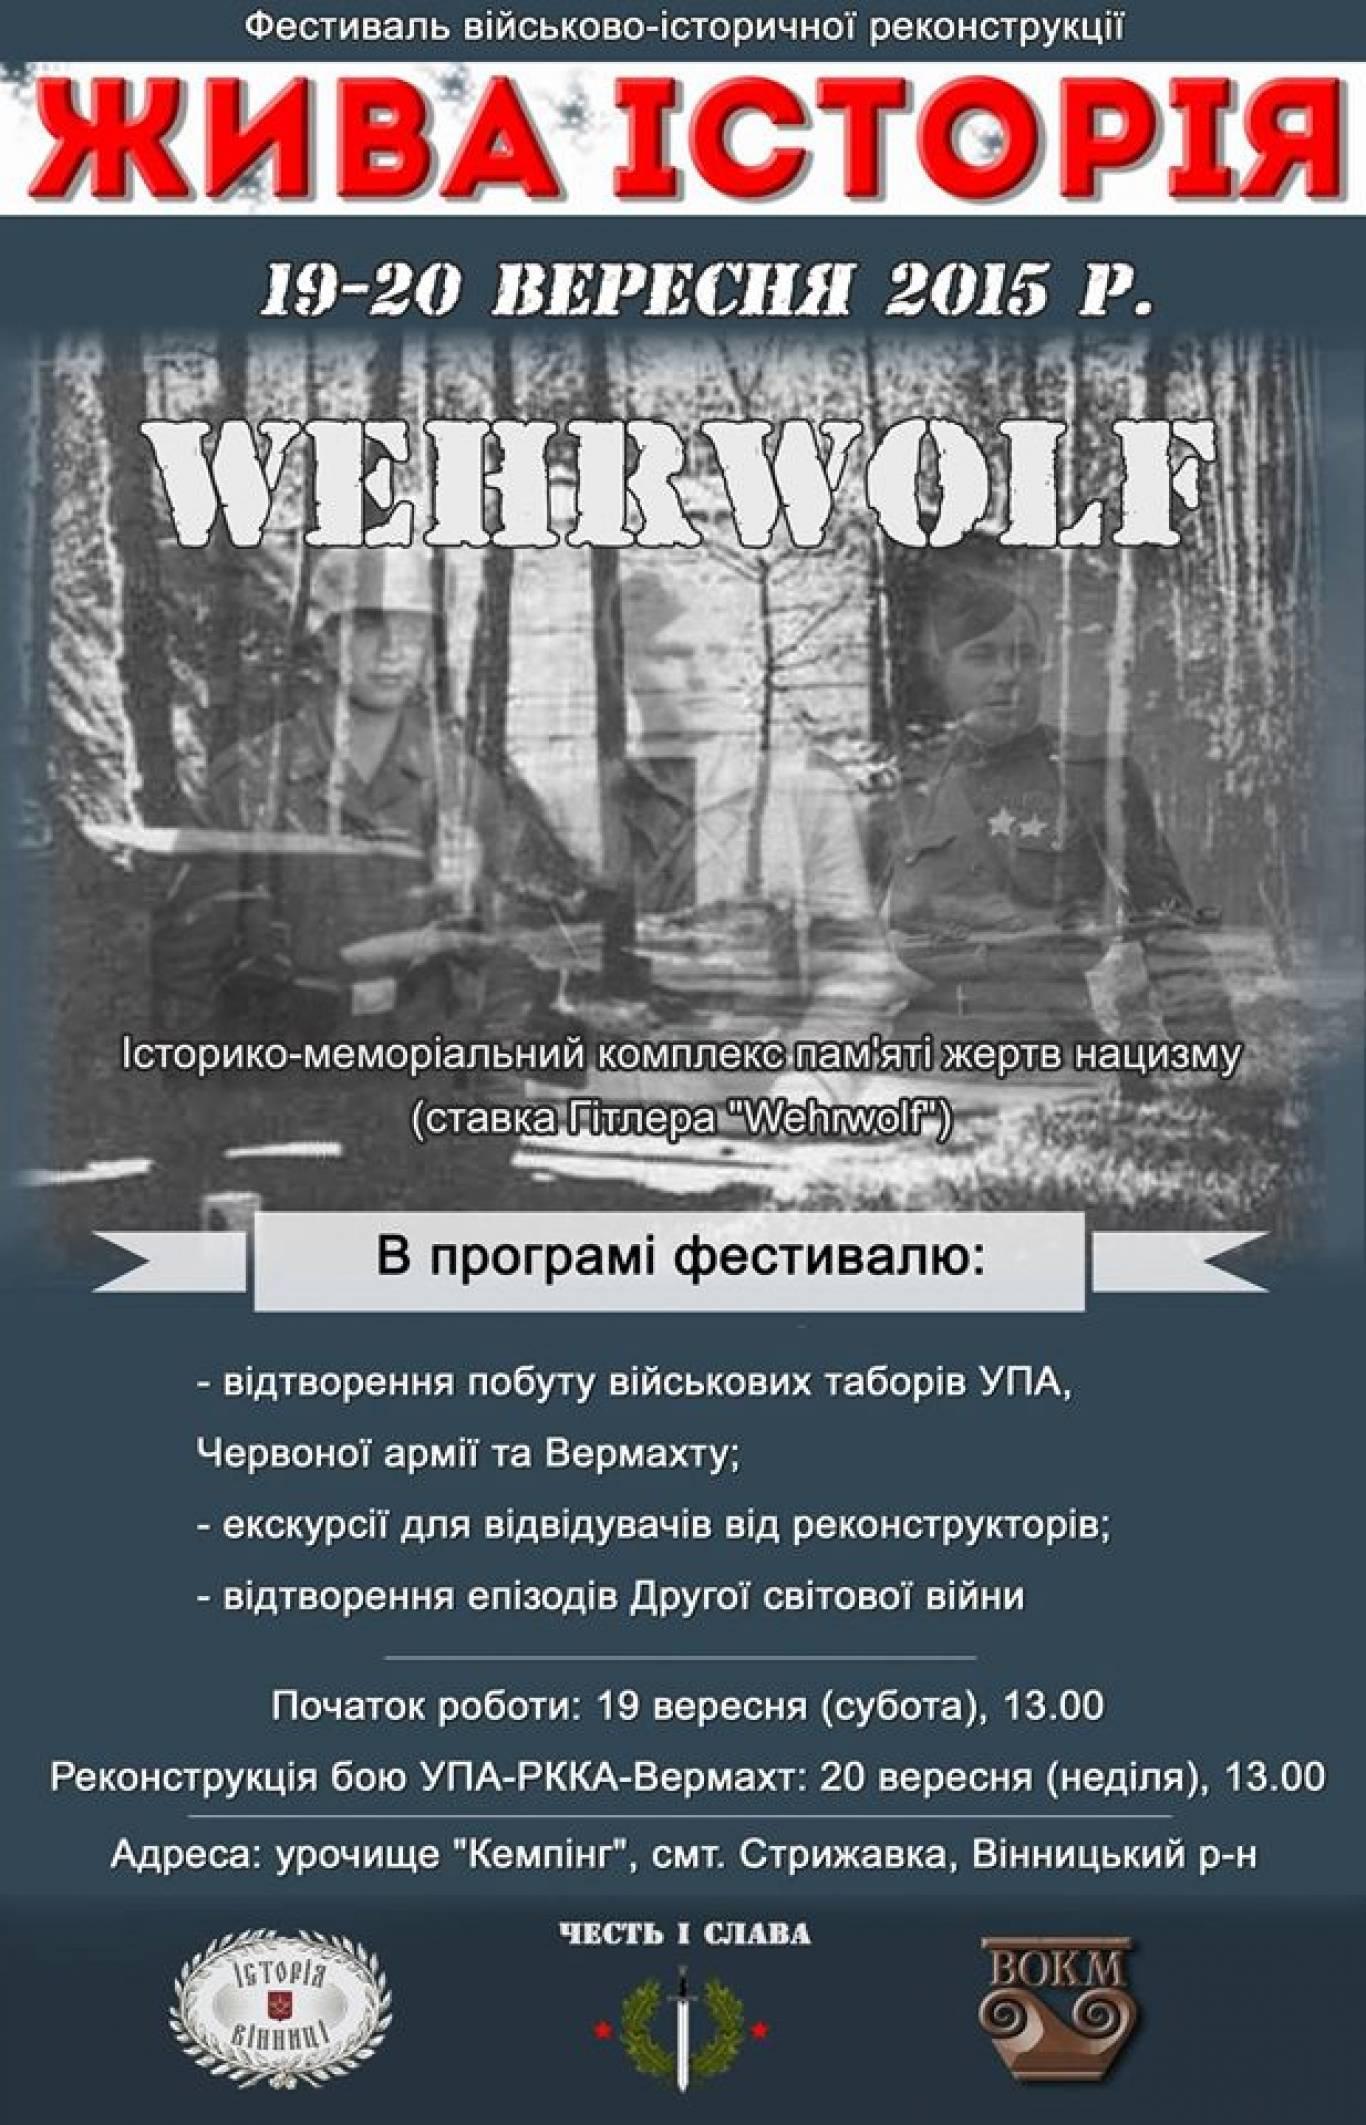 Фестиваль історичної реконструкції Верфольф